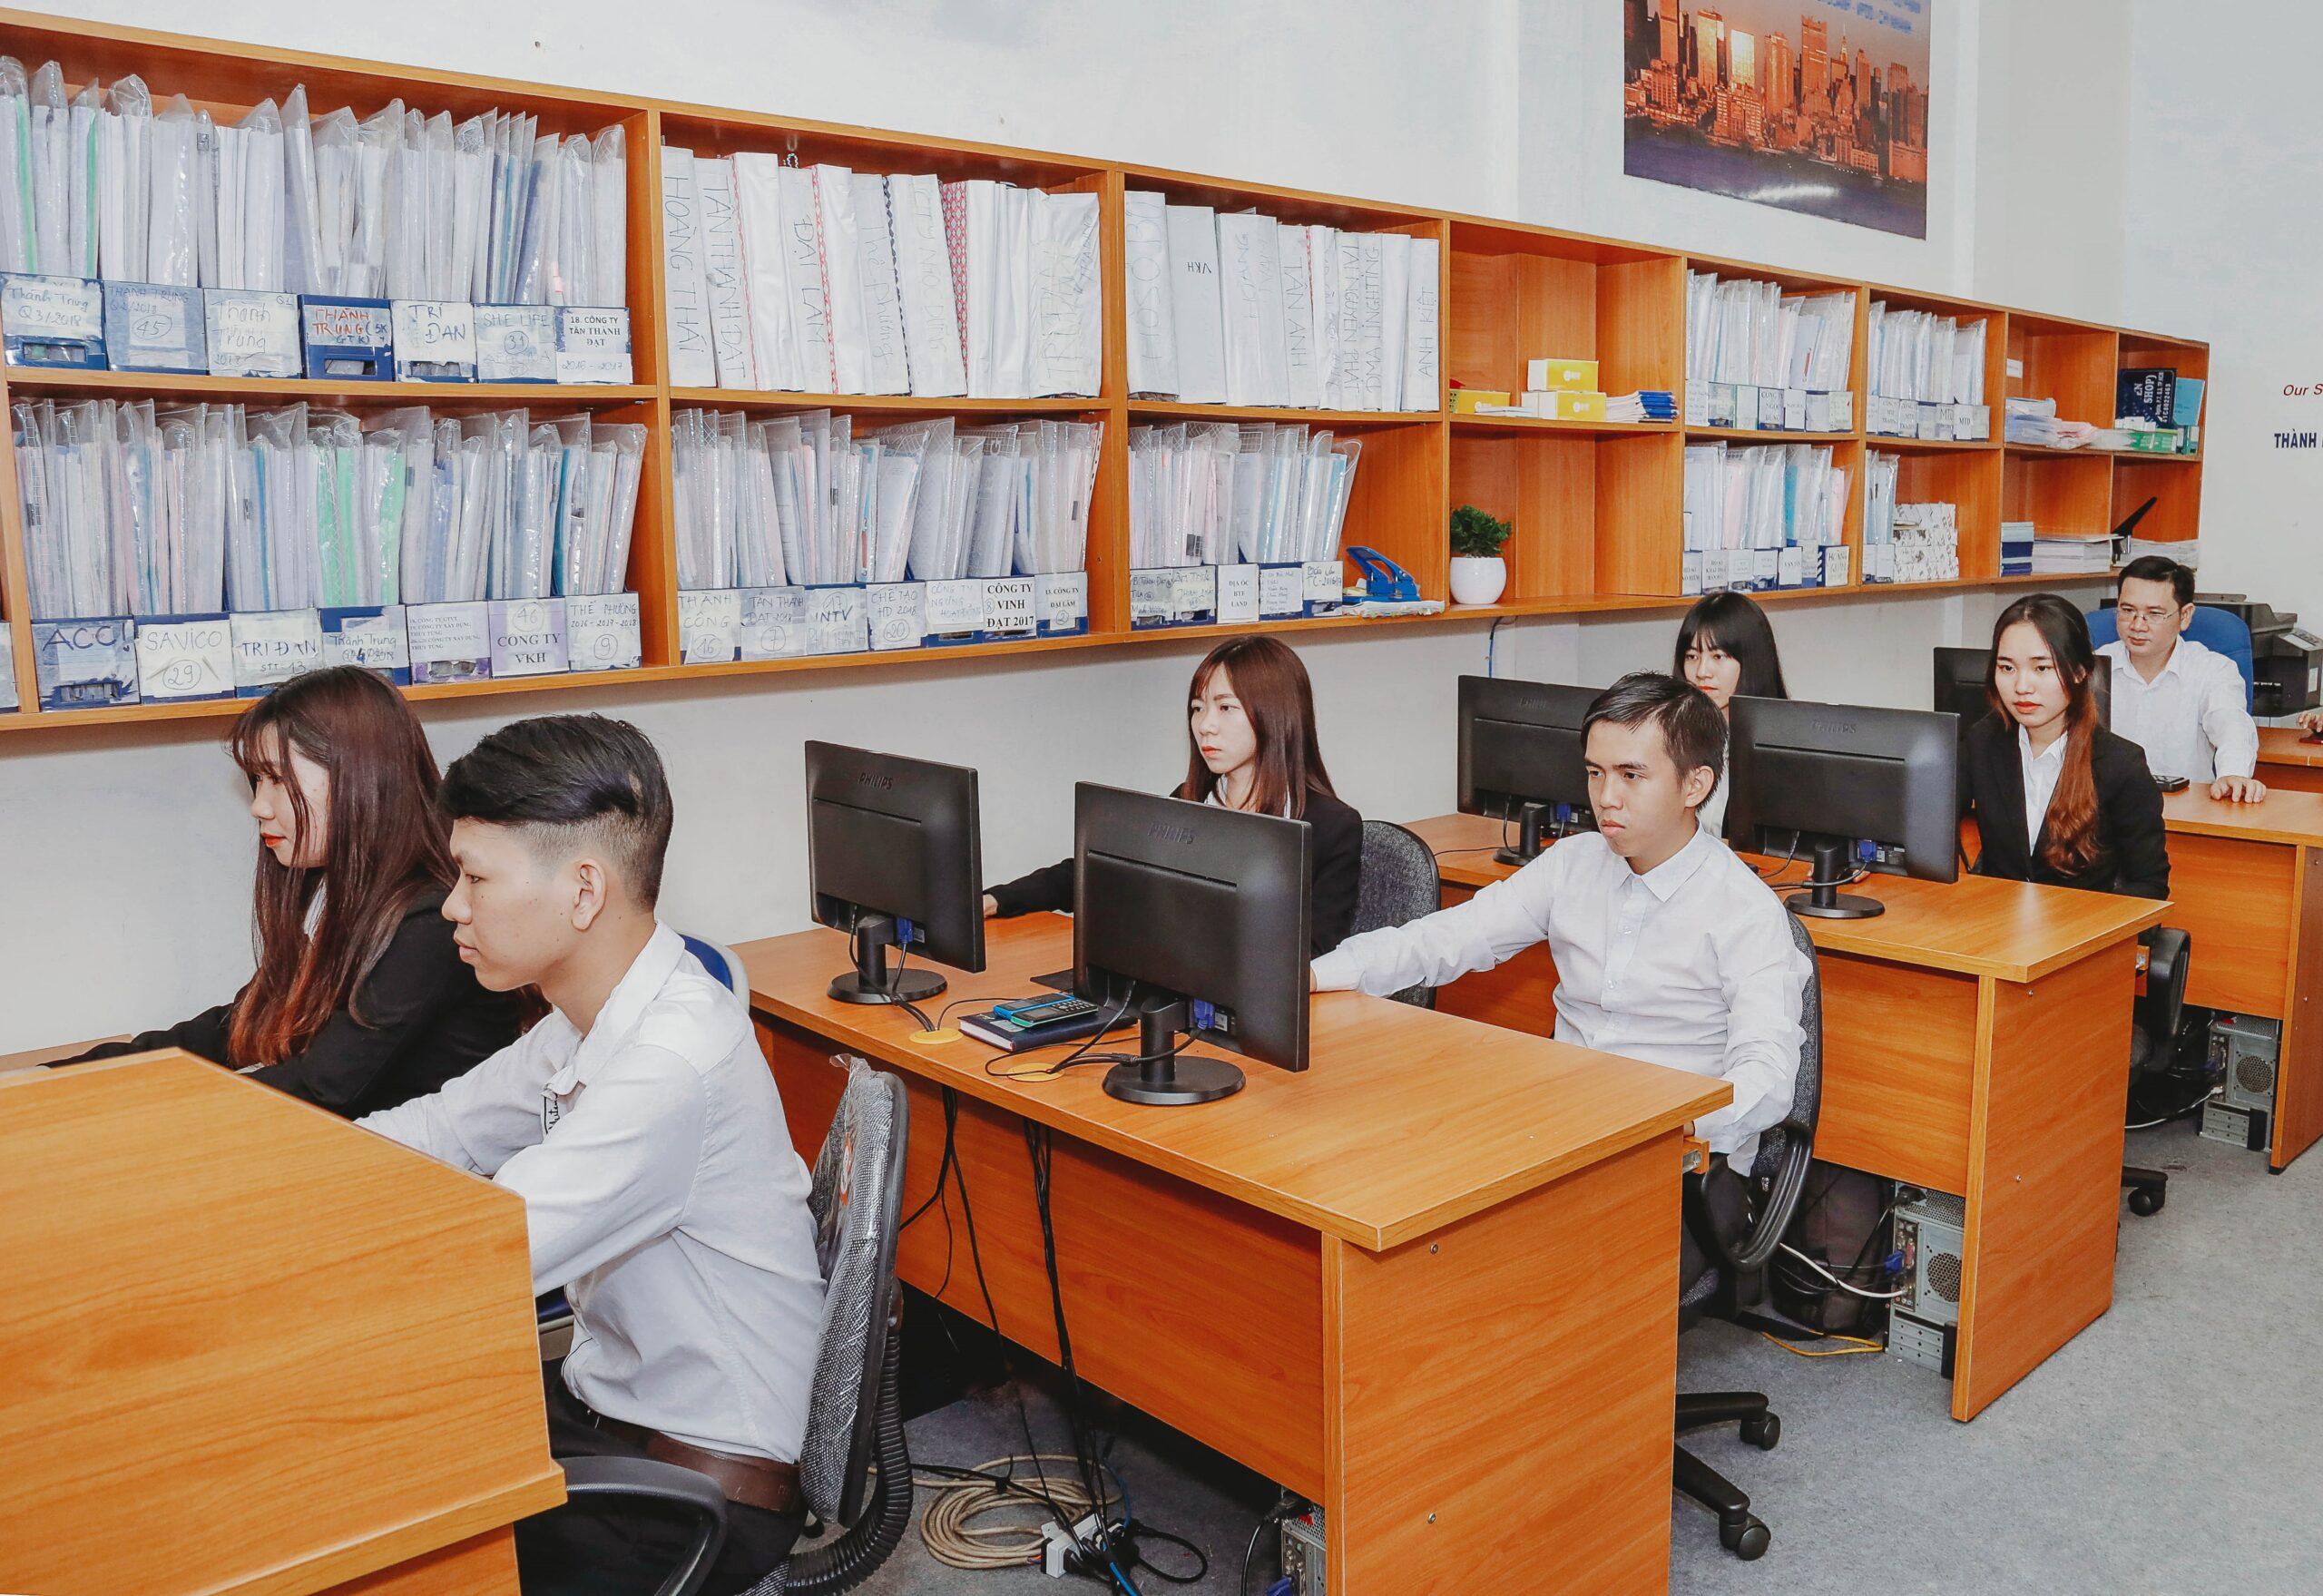 Dịch vụ kế toán uy tín tại Quận Phú Nhuận